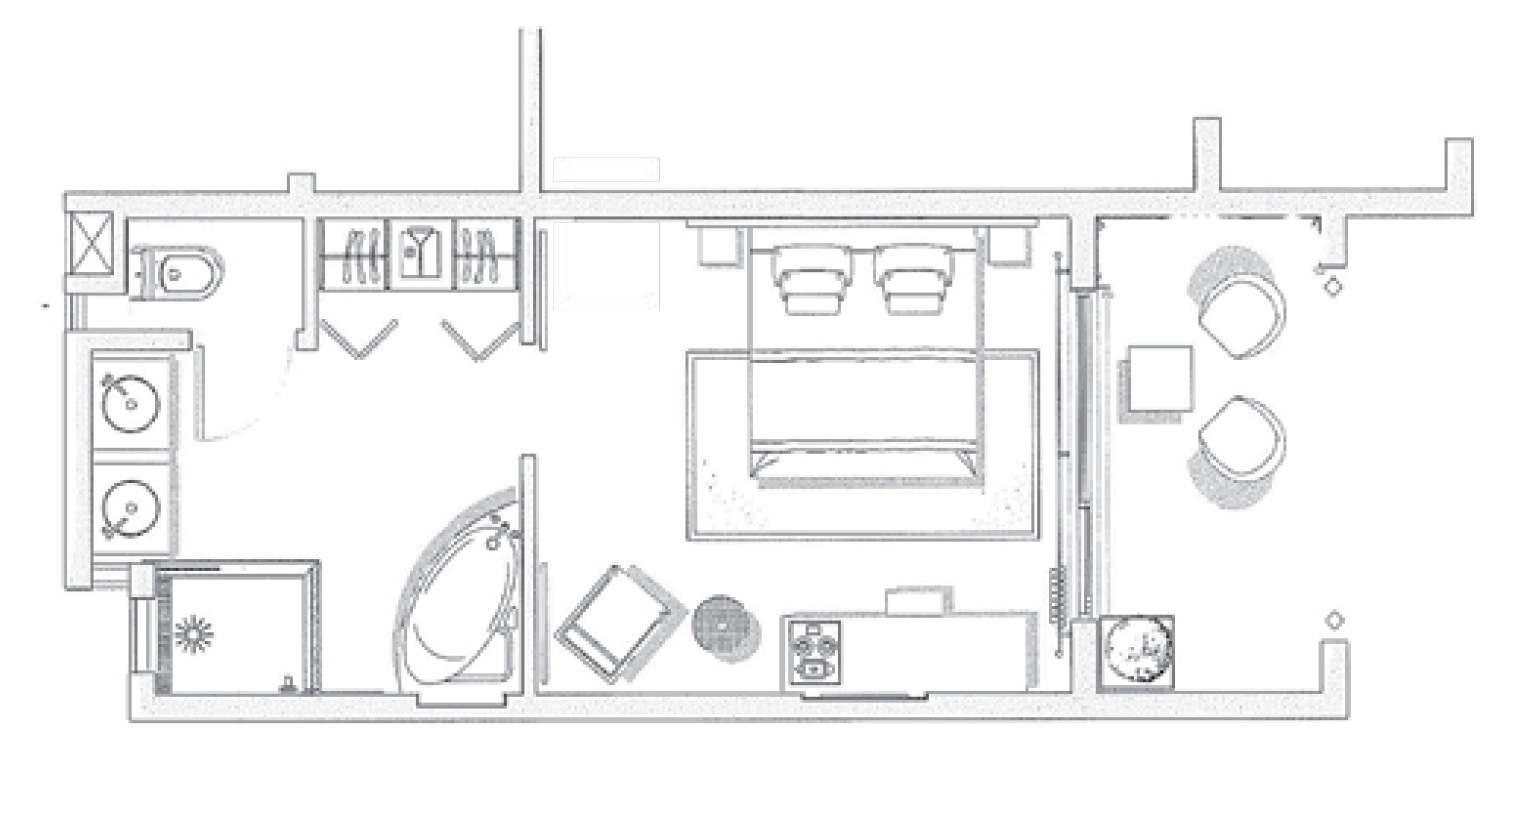 #61666A Tamassa Un Hôtel Tout Inclus Ile Maurice 3033 plan petite chambre parentale 1532x821 px @ aertt.com